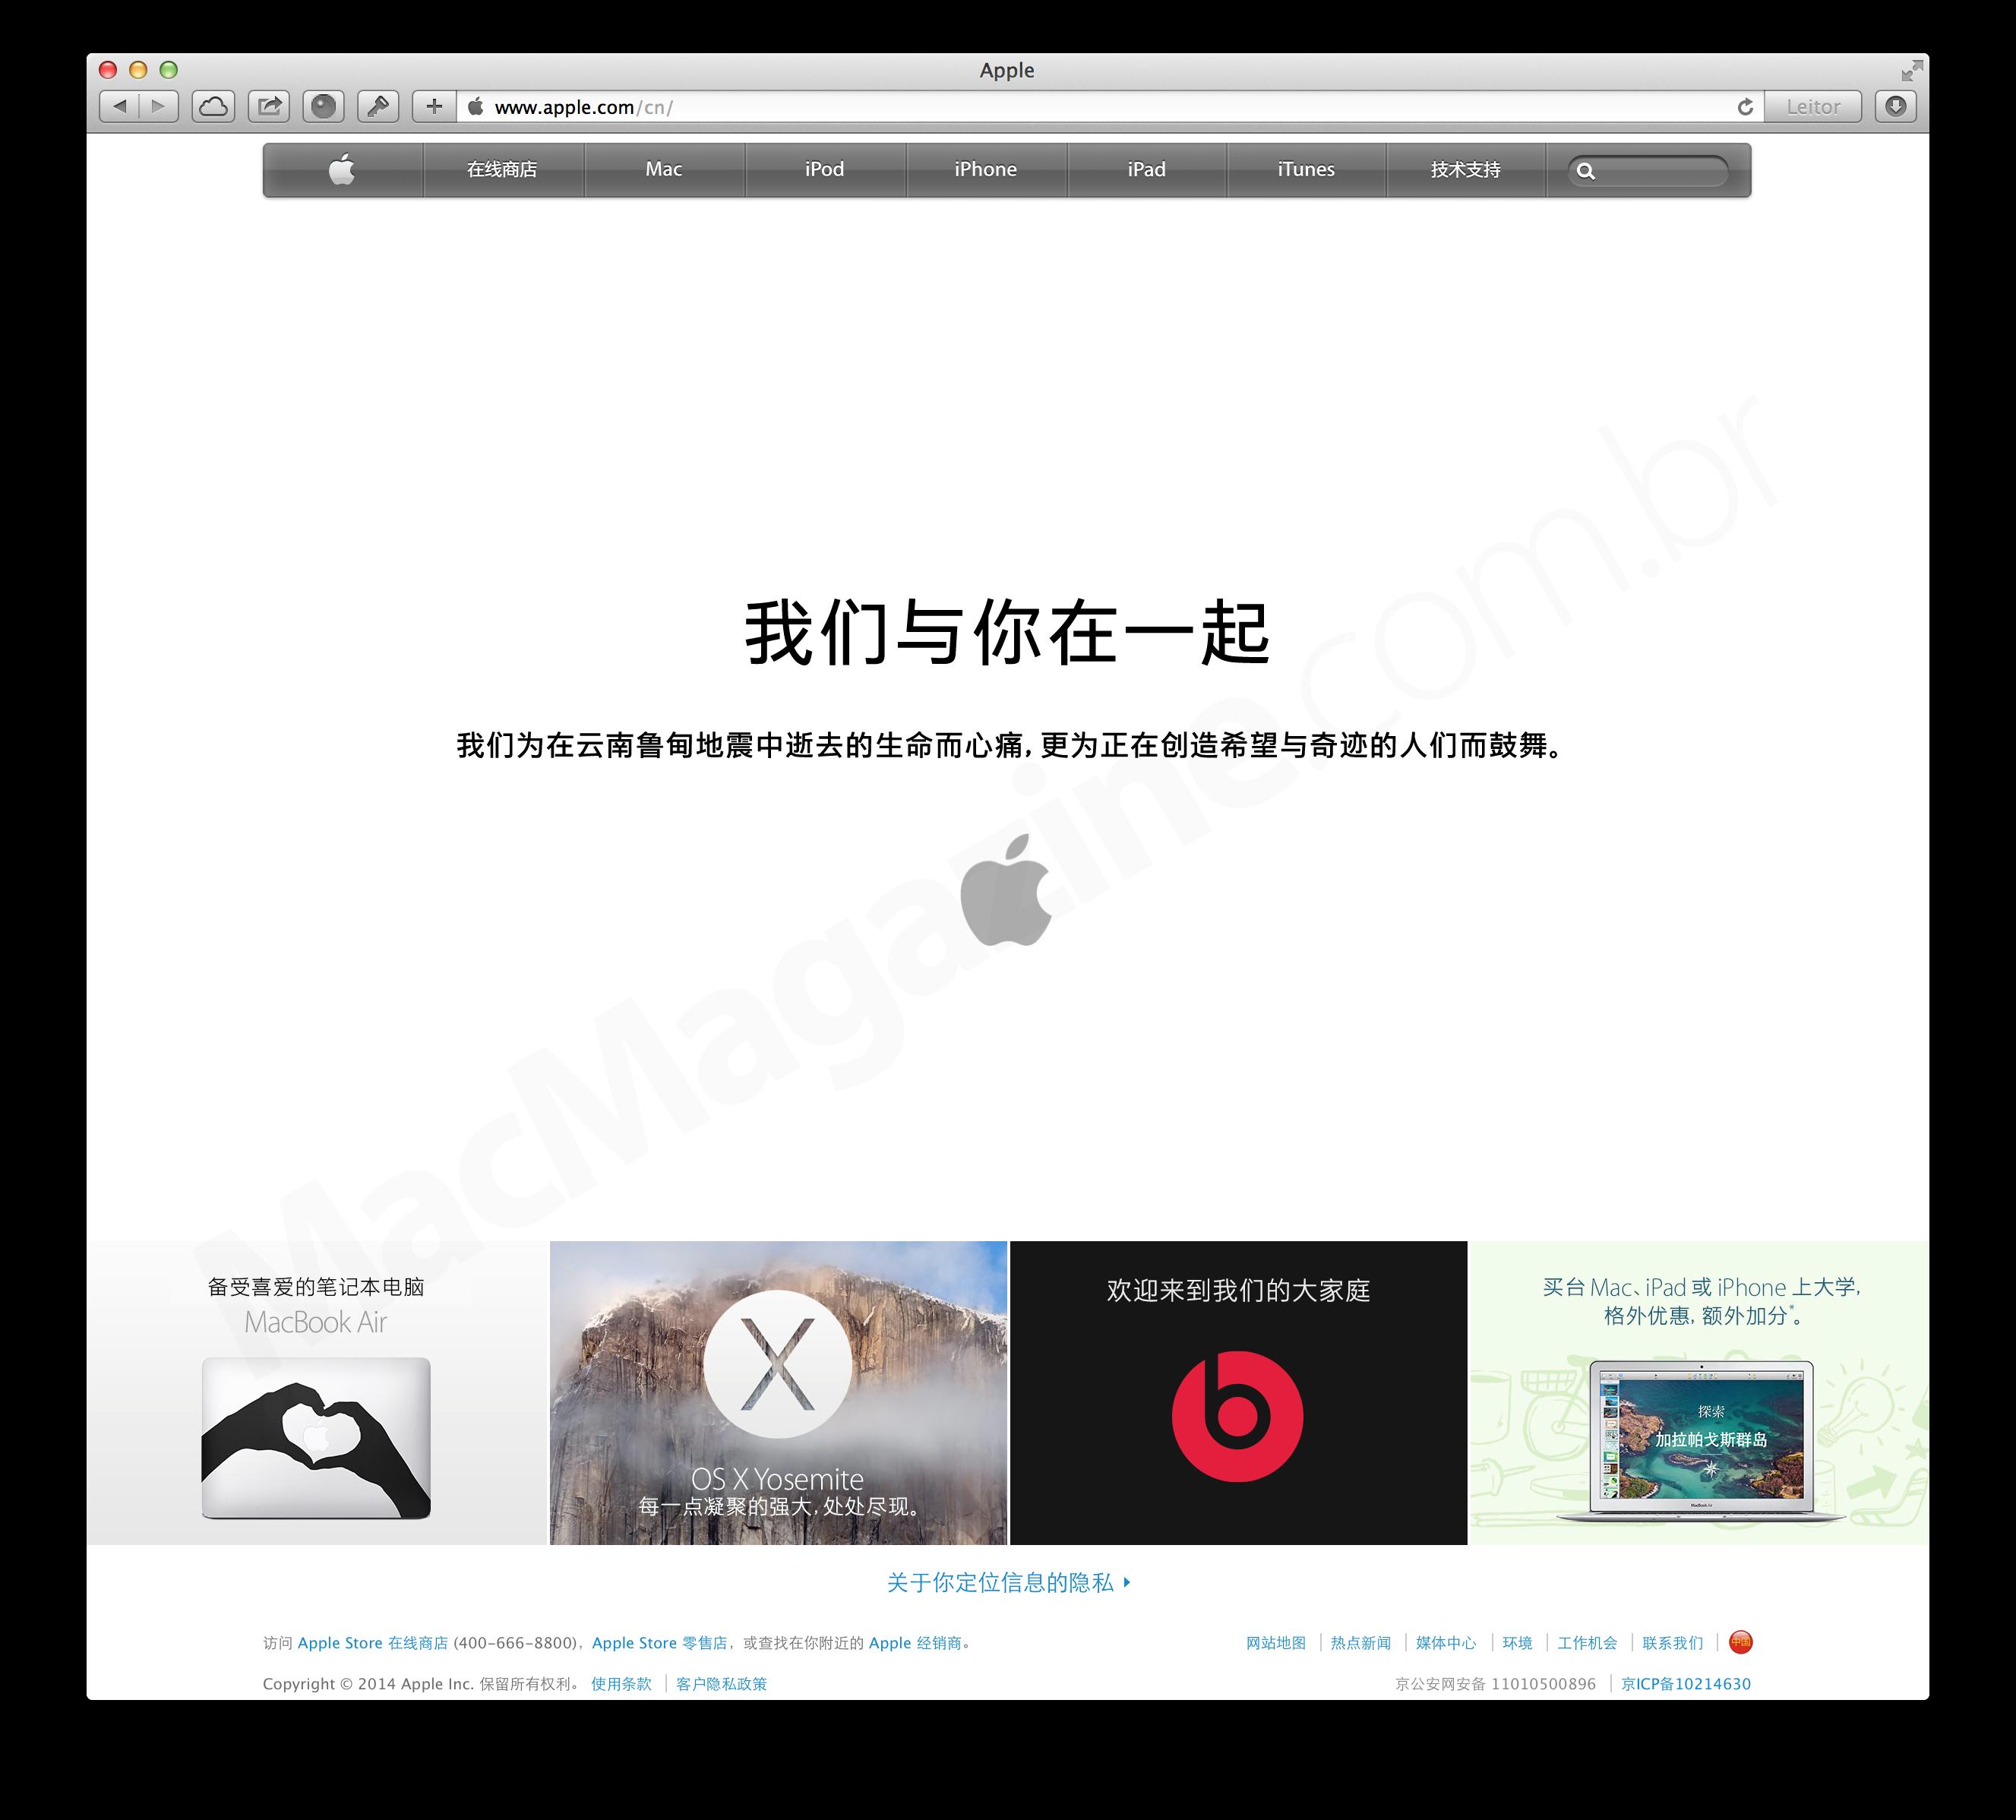 Mensagem no site chinês da Apple